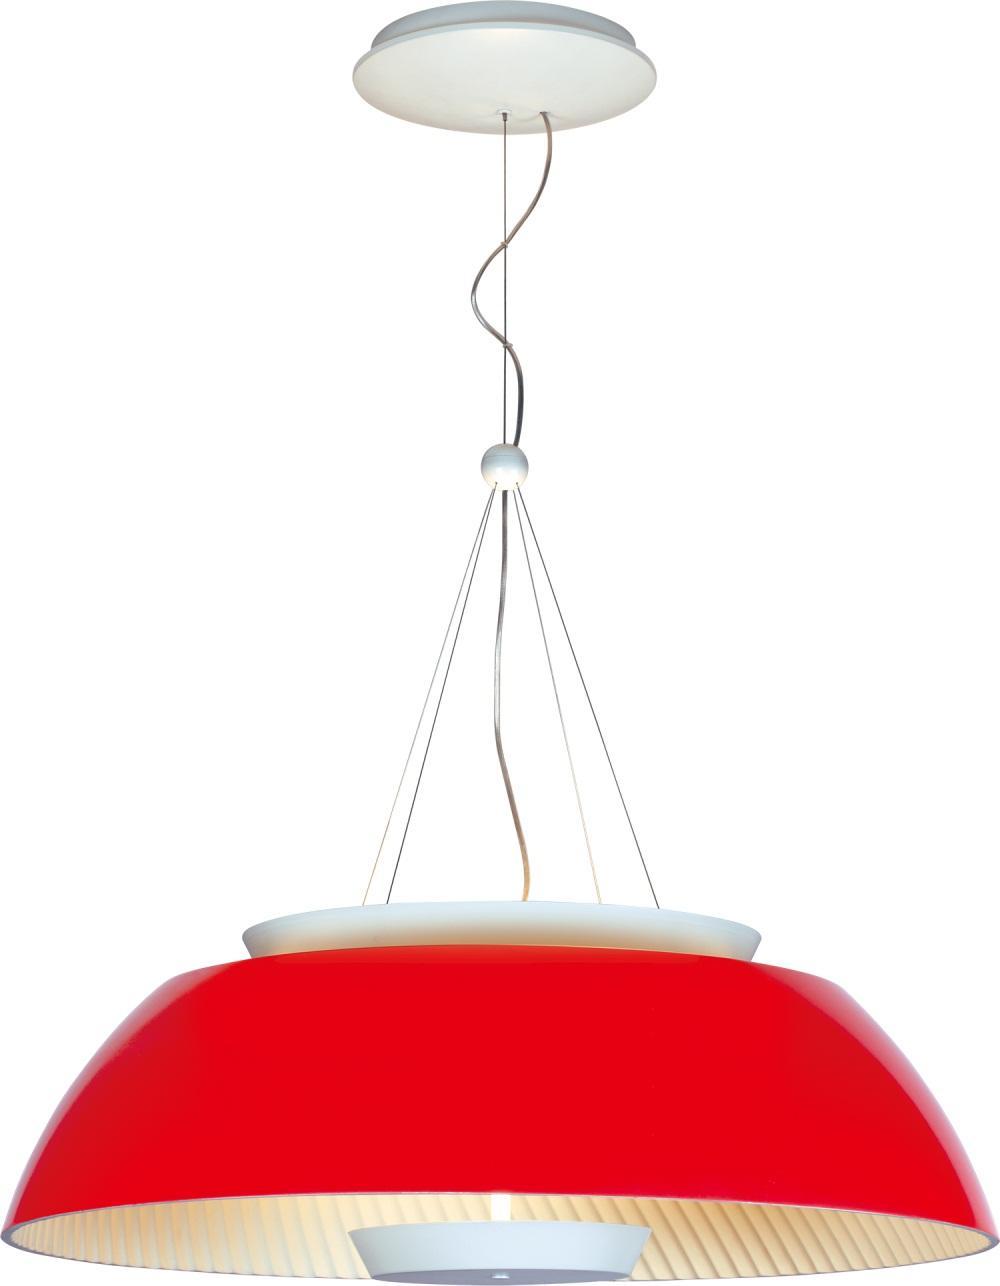 濟寧新特麗吊蘭系列吊燈 1